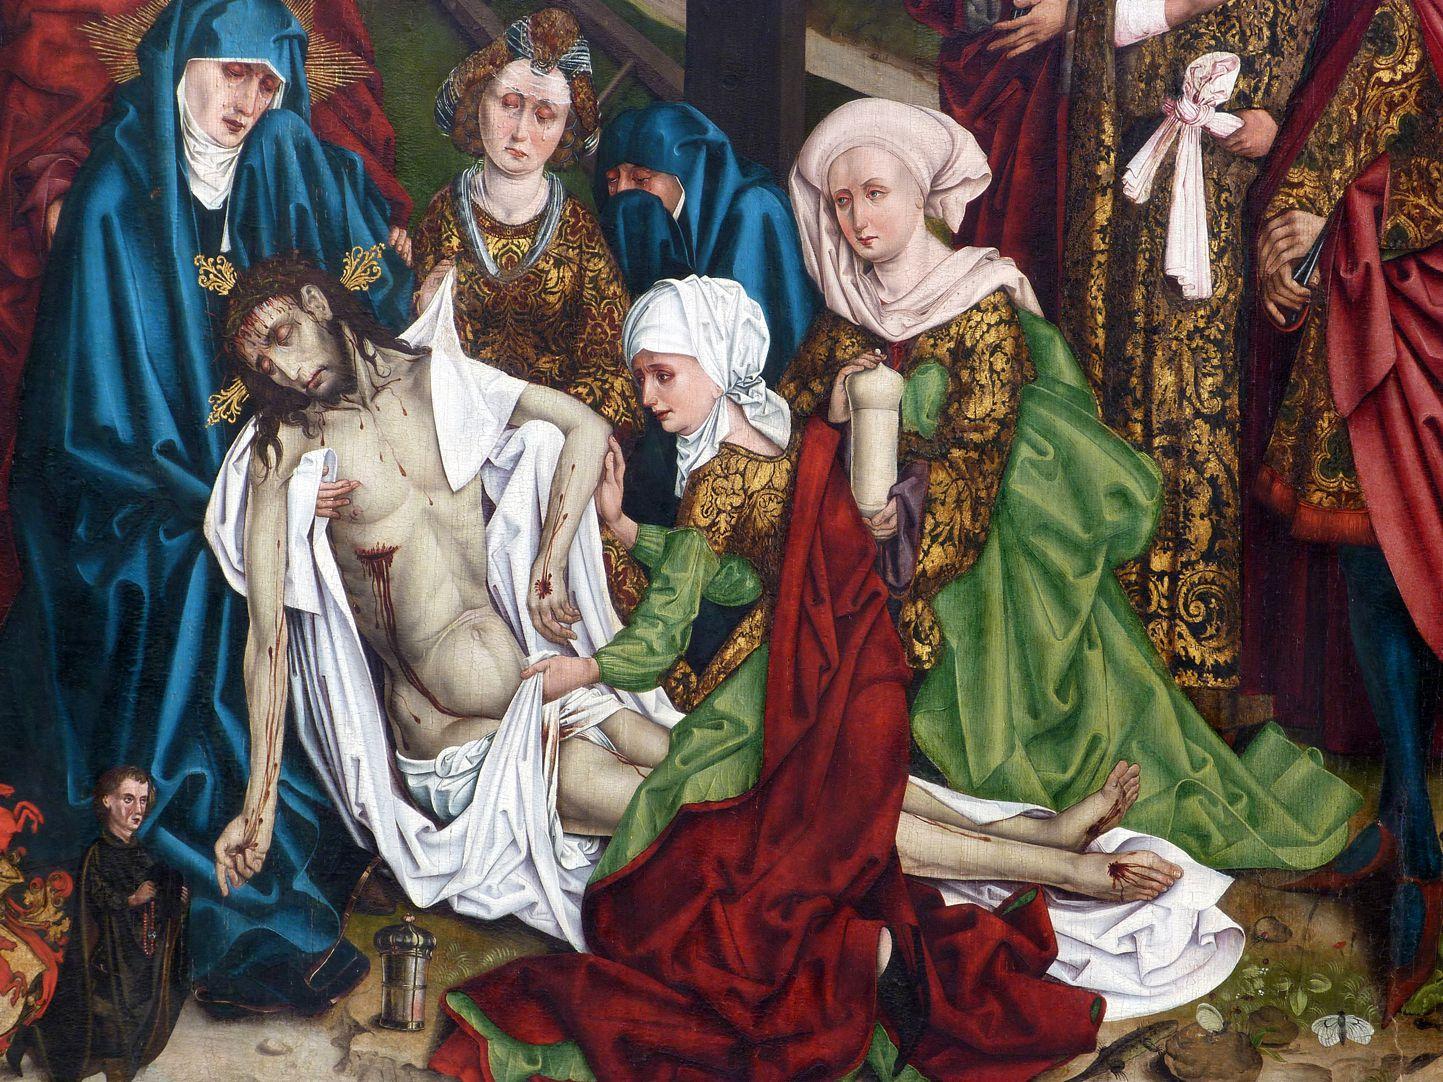 Epitaph für Georg Keyper Beweinungsgruppe, links die Mutter Maria, dann drei Marien: Salome, Kleophas und Magdalena mit dem Ölgefäß. Unbekannte trauernde Gestalt im Hintergrund. Links unten die Stifterfigur Keypers.